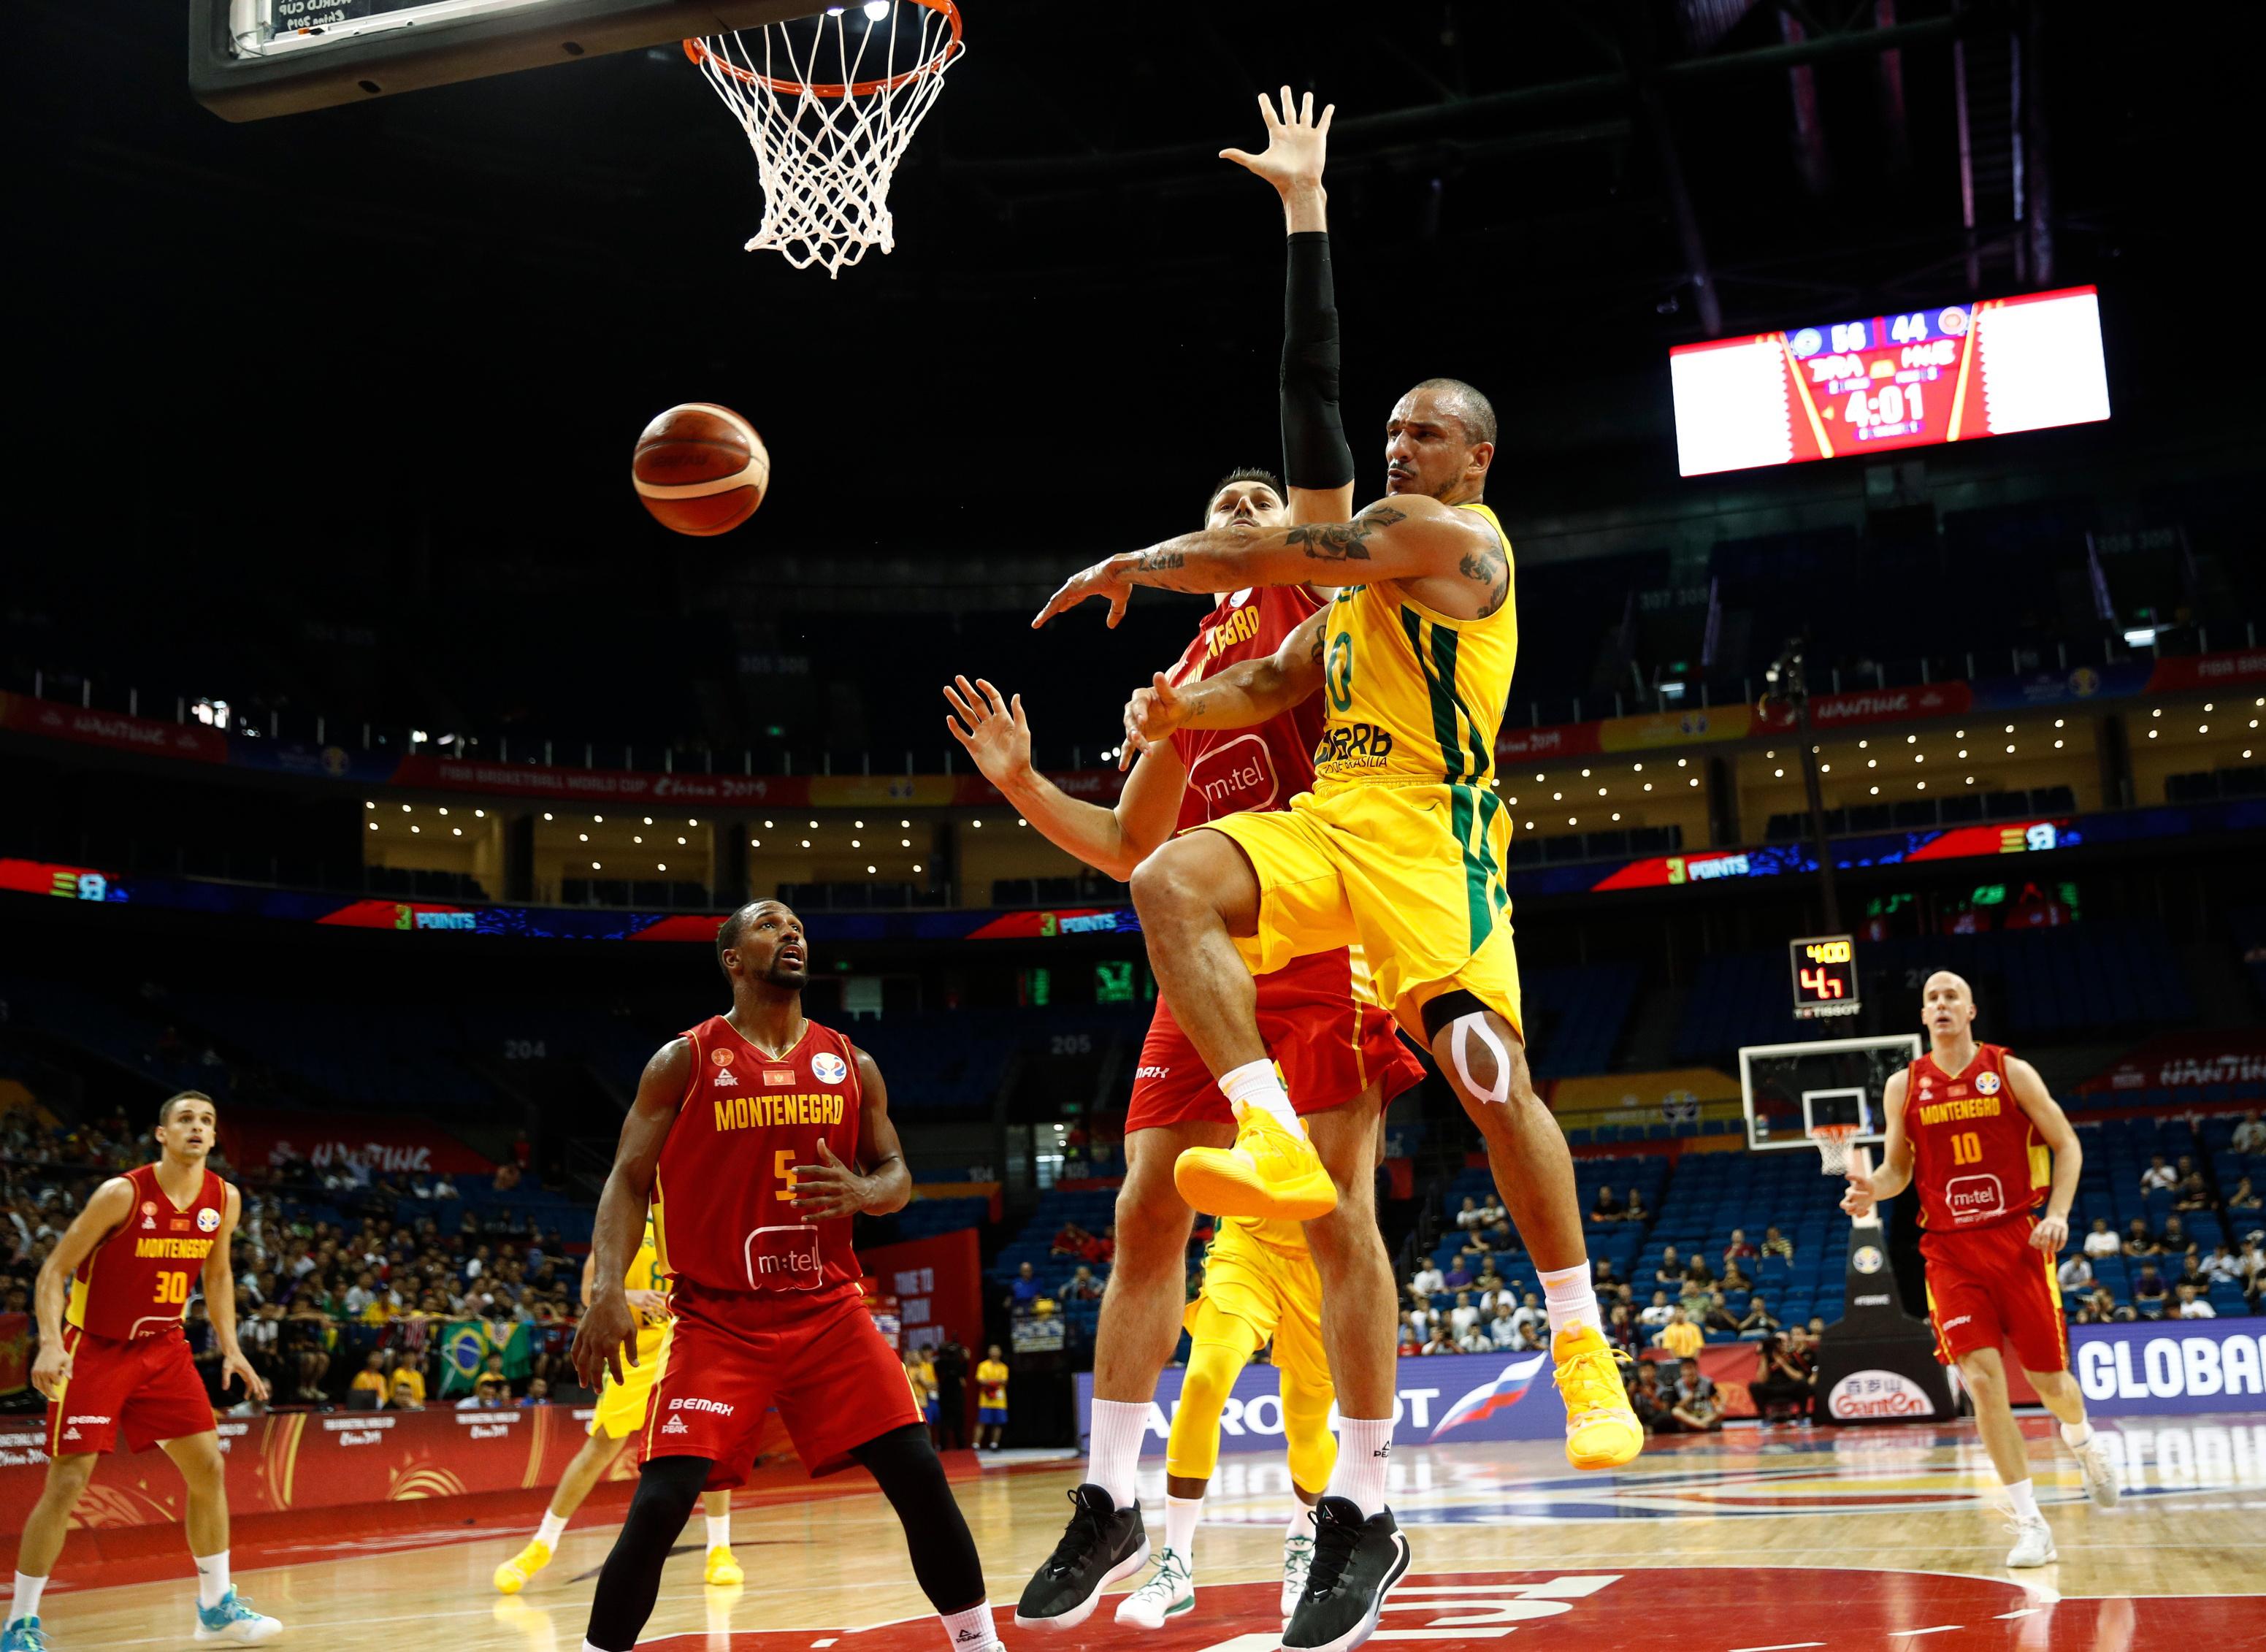 Μουντομπάσκετ 2019: Με το απόλυτο στη δεύτερη φάση η Βραζιλία! Νίκησε και το Μαυροβούνιο